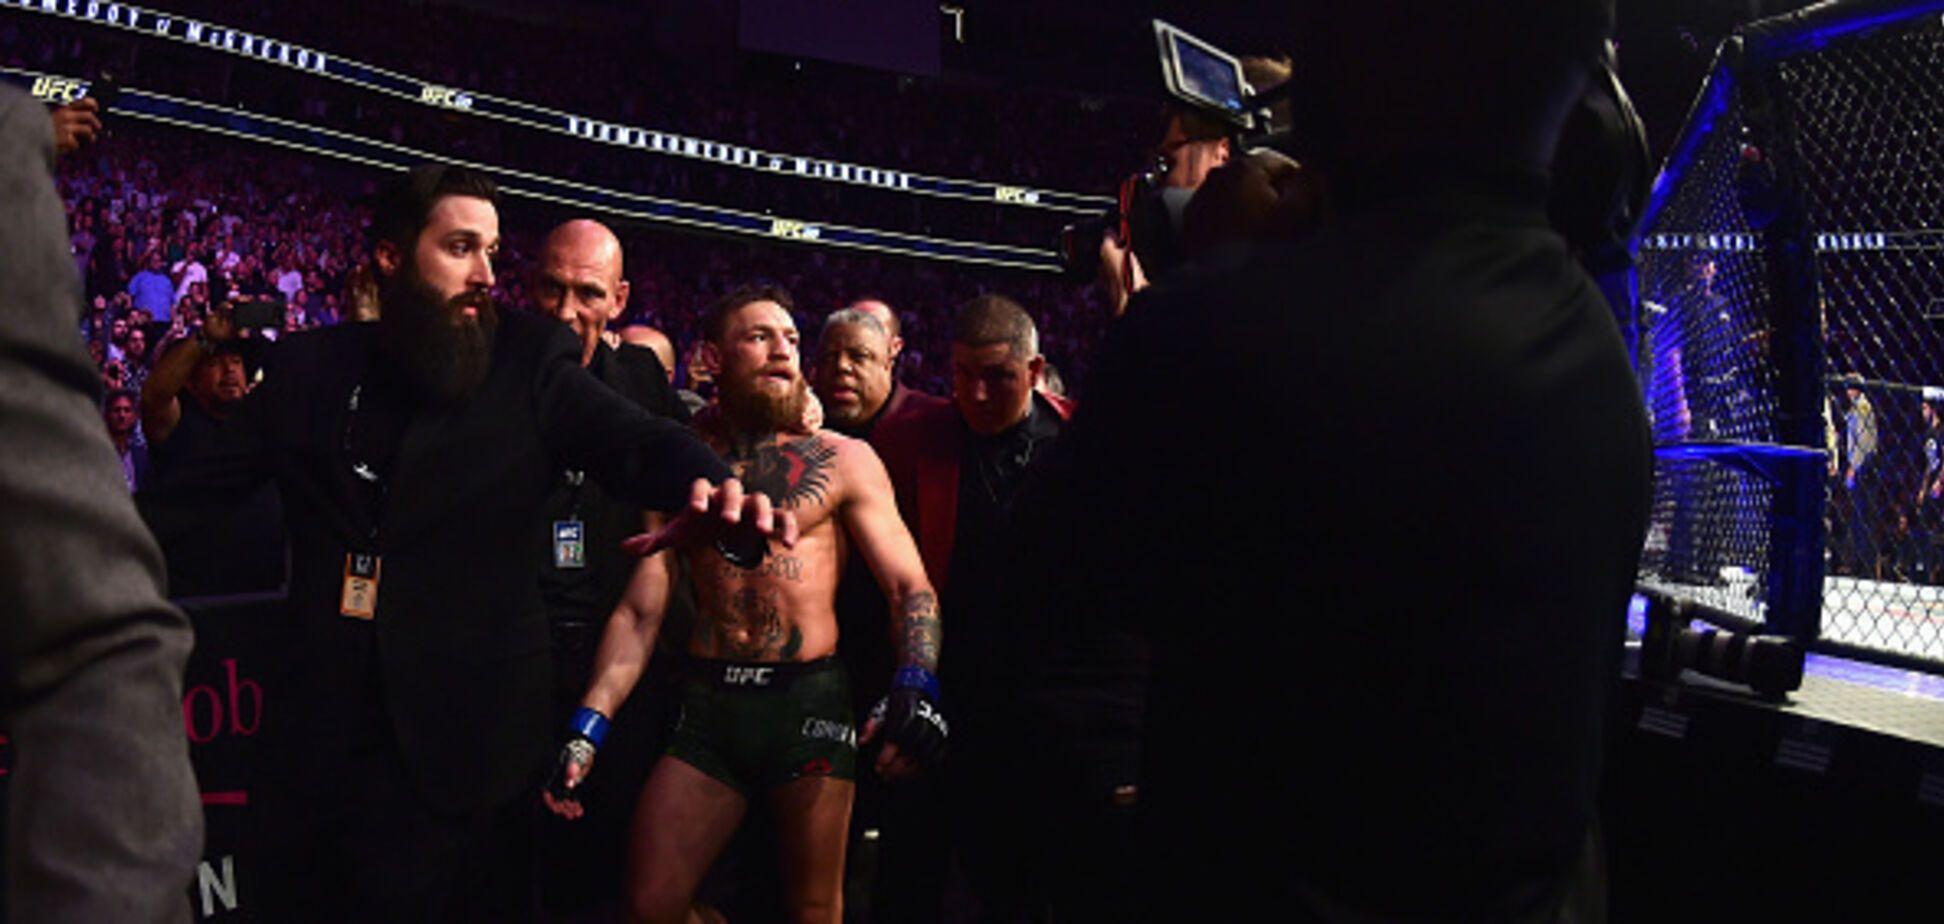 Русского бойца выгонят из UFC за нападение на МакГрегора